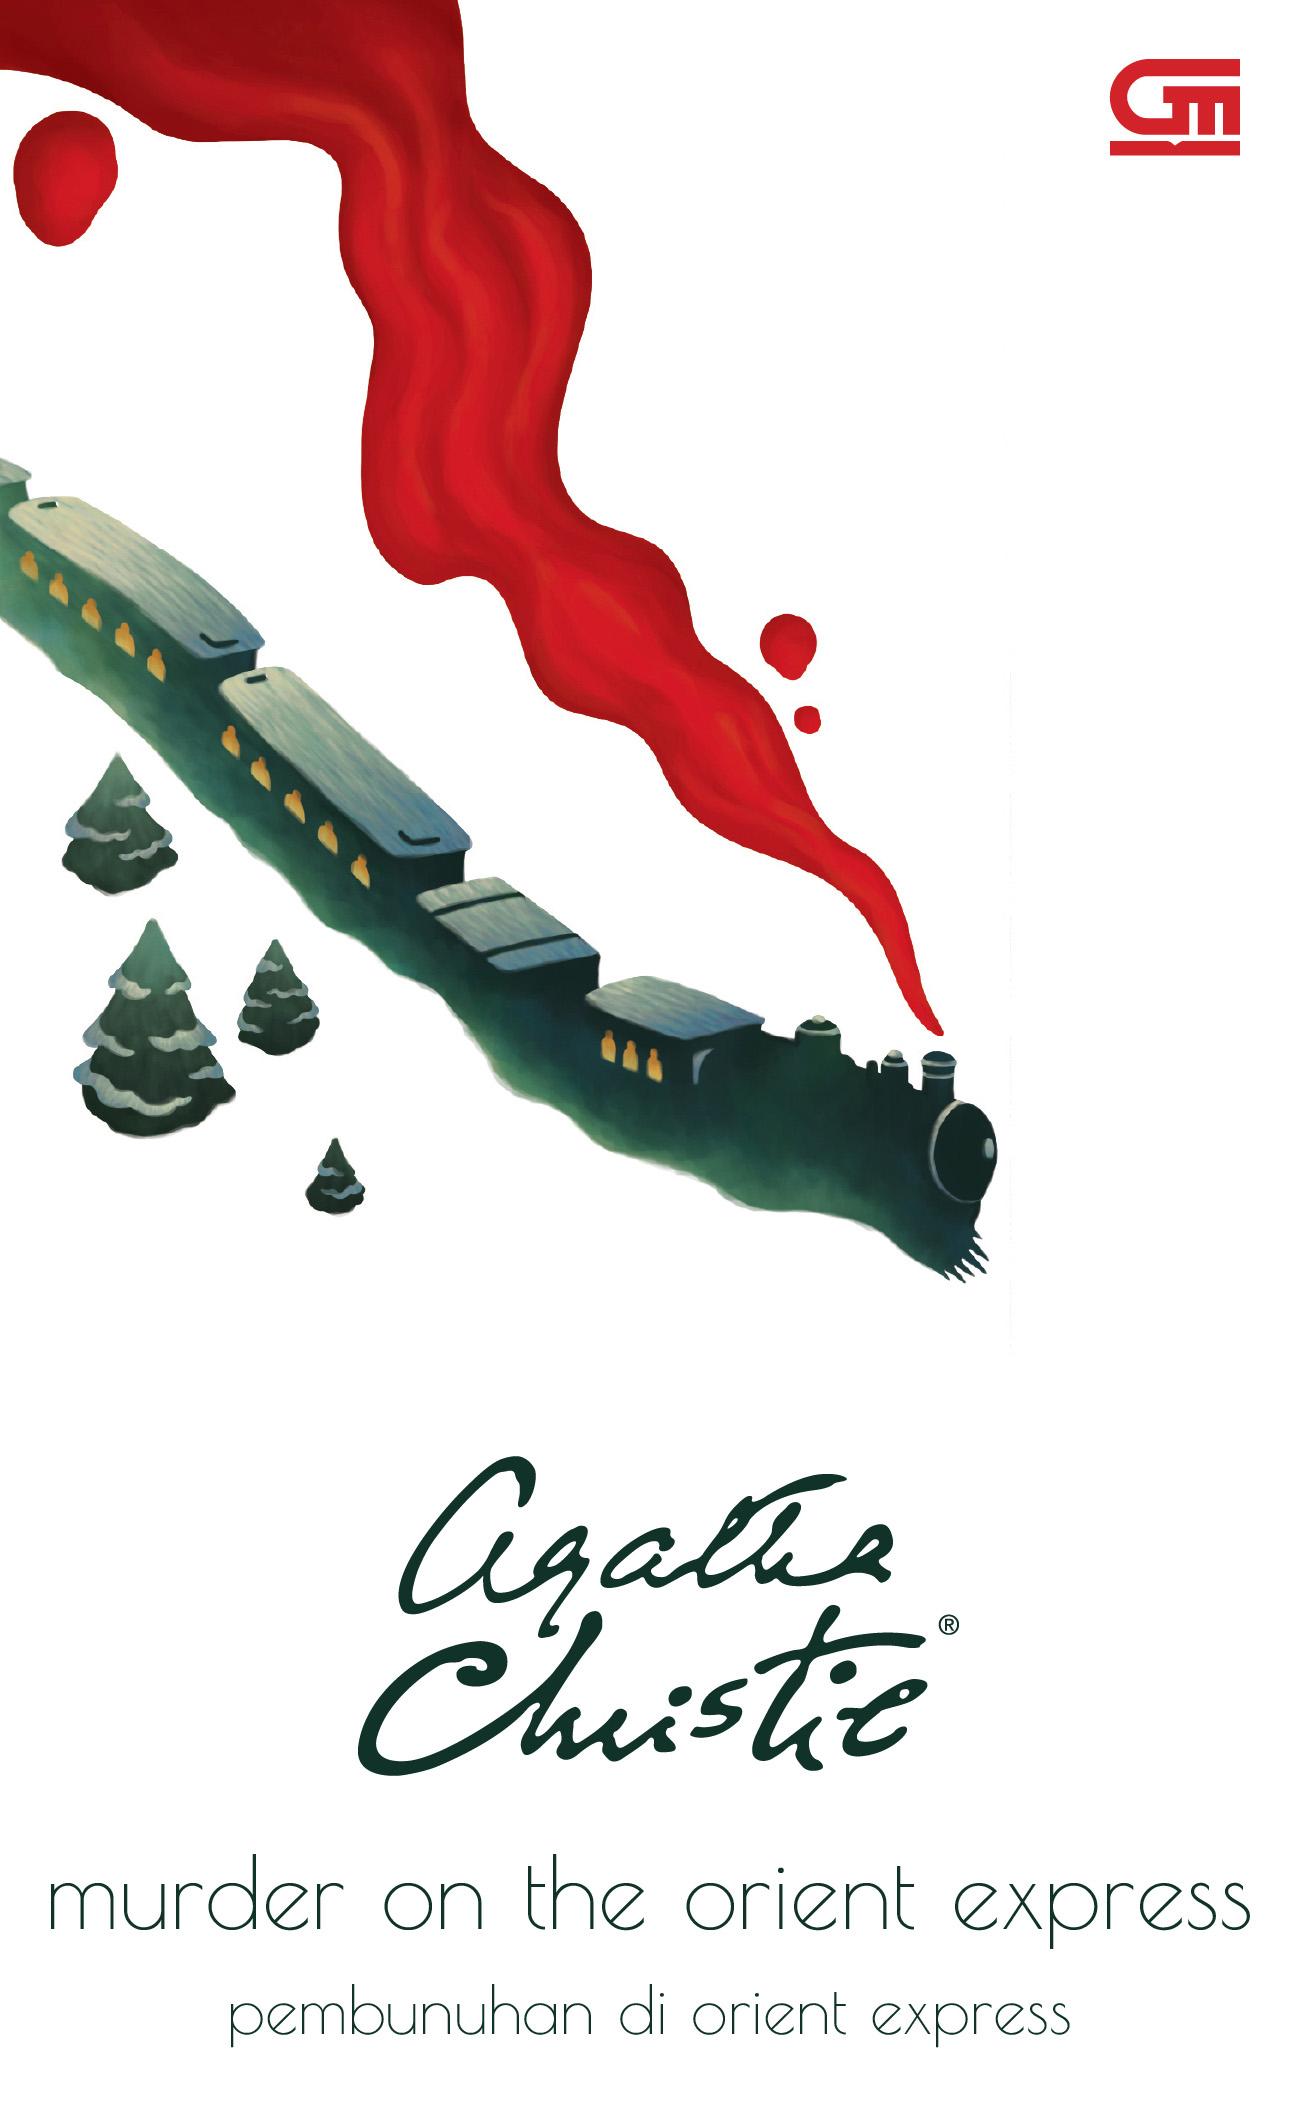 Pembunuhan di Orient Express (Murder on the Orient Express)